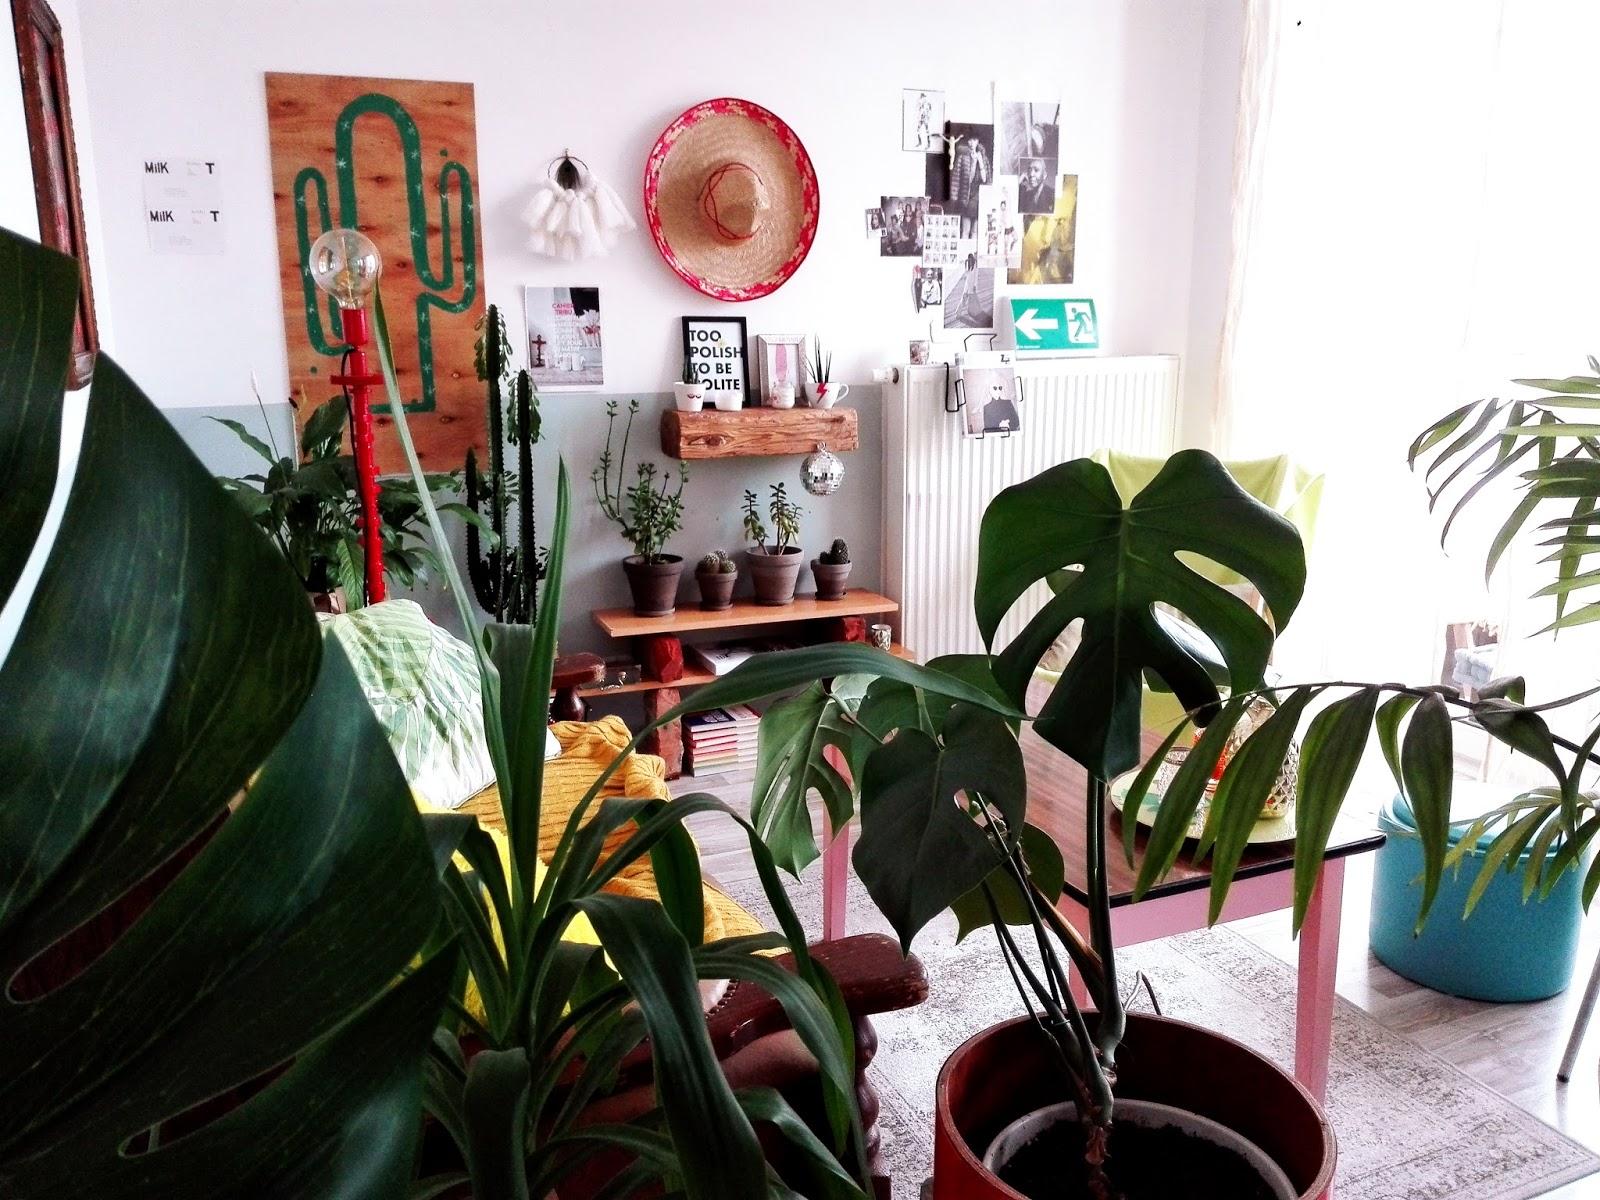 Wnętrzarski typ numer trzy i półka na kwiaty ze starych cegieł.